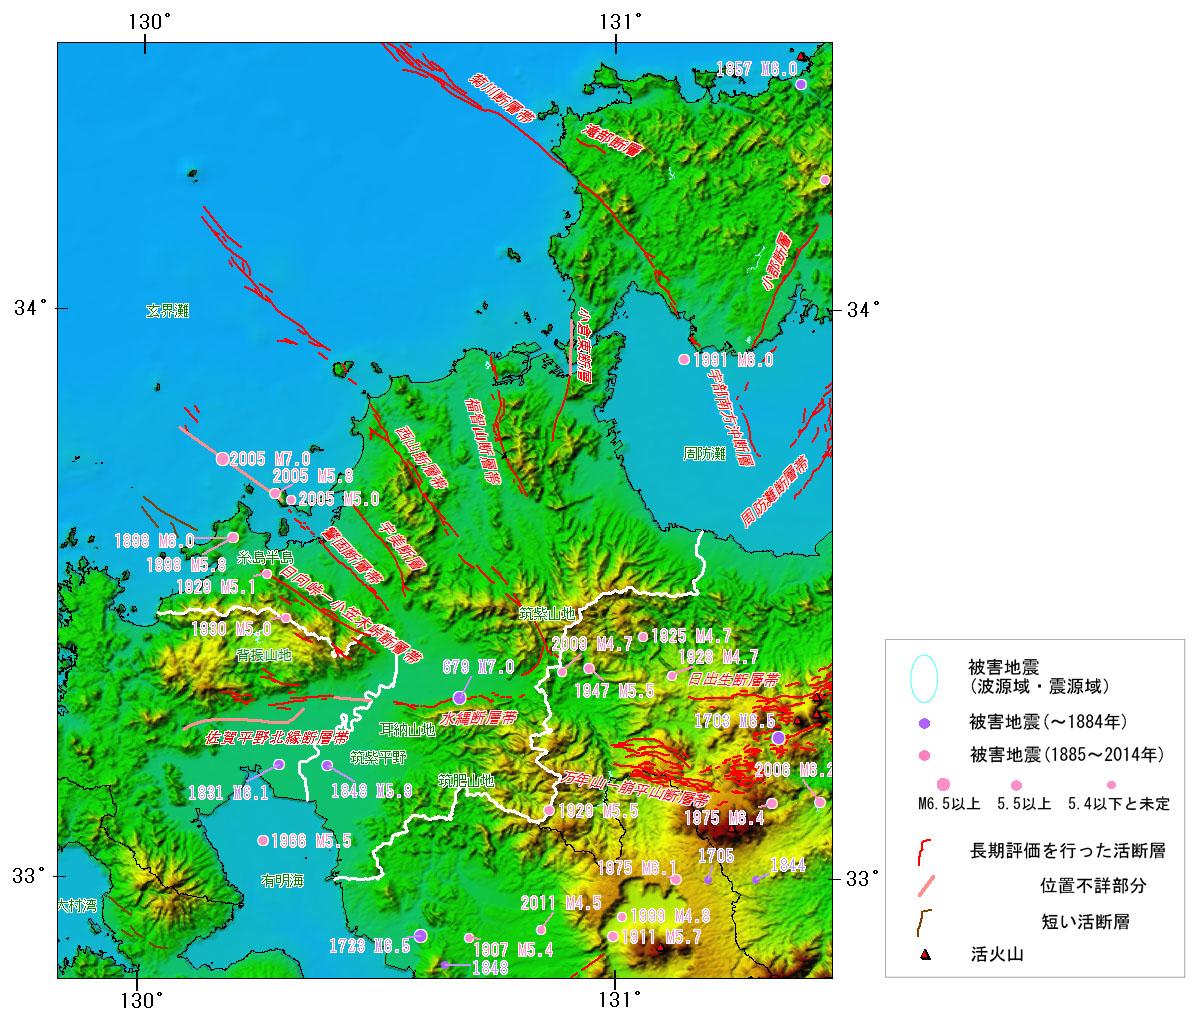 履歴 地震 東北地方太平洋沖地震の前震・本震・余震の記録